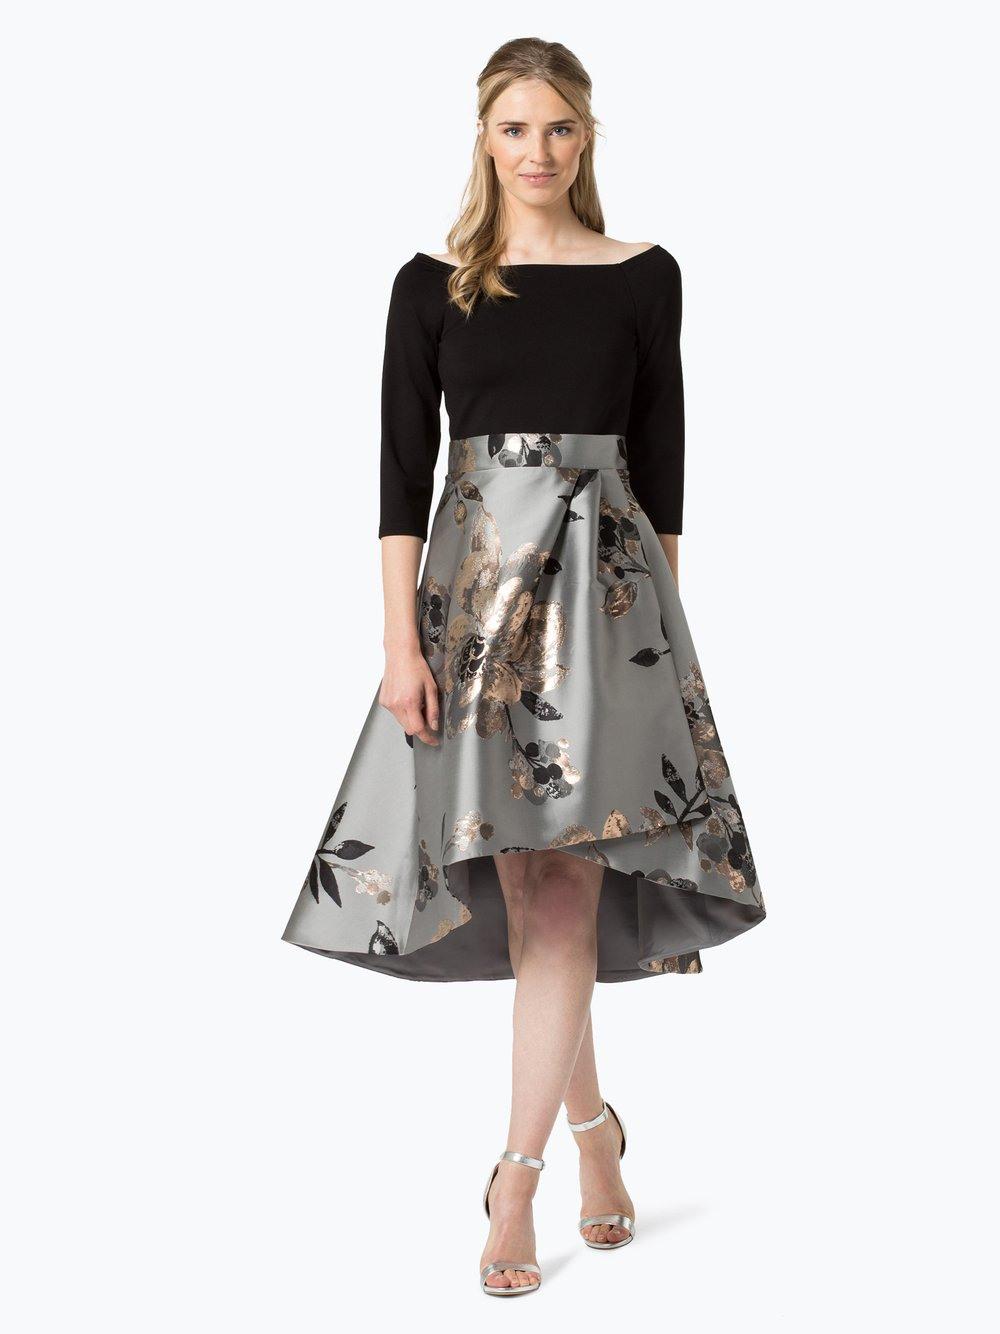 17 Luxus Abendkleider Coast Stylish20 Einfach Abendkleider Coast Galerie